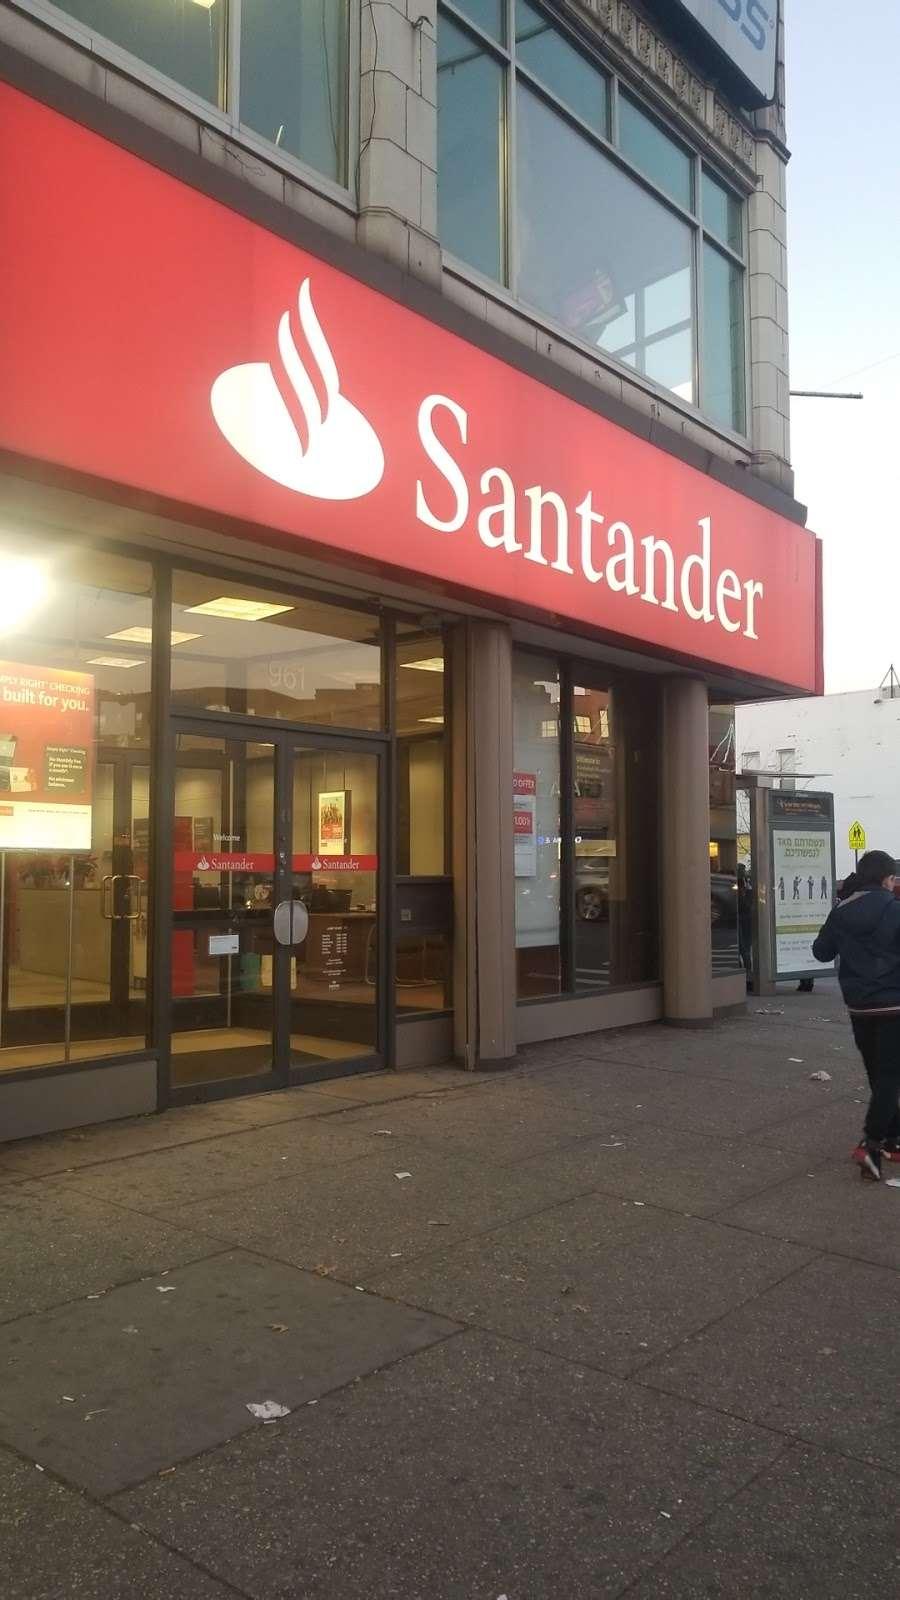 Santander Bank - bank  | Photo 10 of 10 | Address: 961 Kings Hwy, Brooklyn, NY 11223, USA | Phone: (718) 336-4713